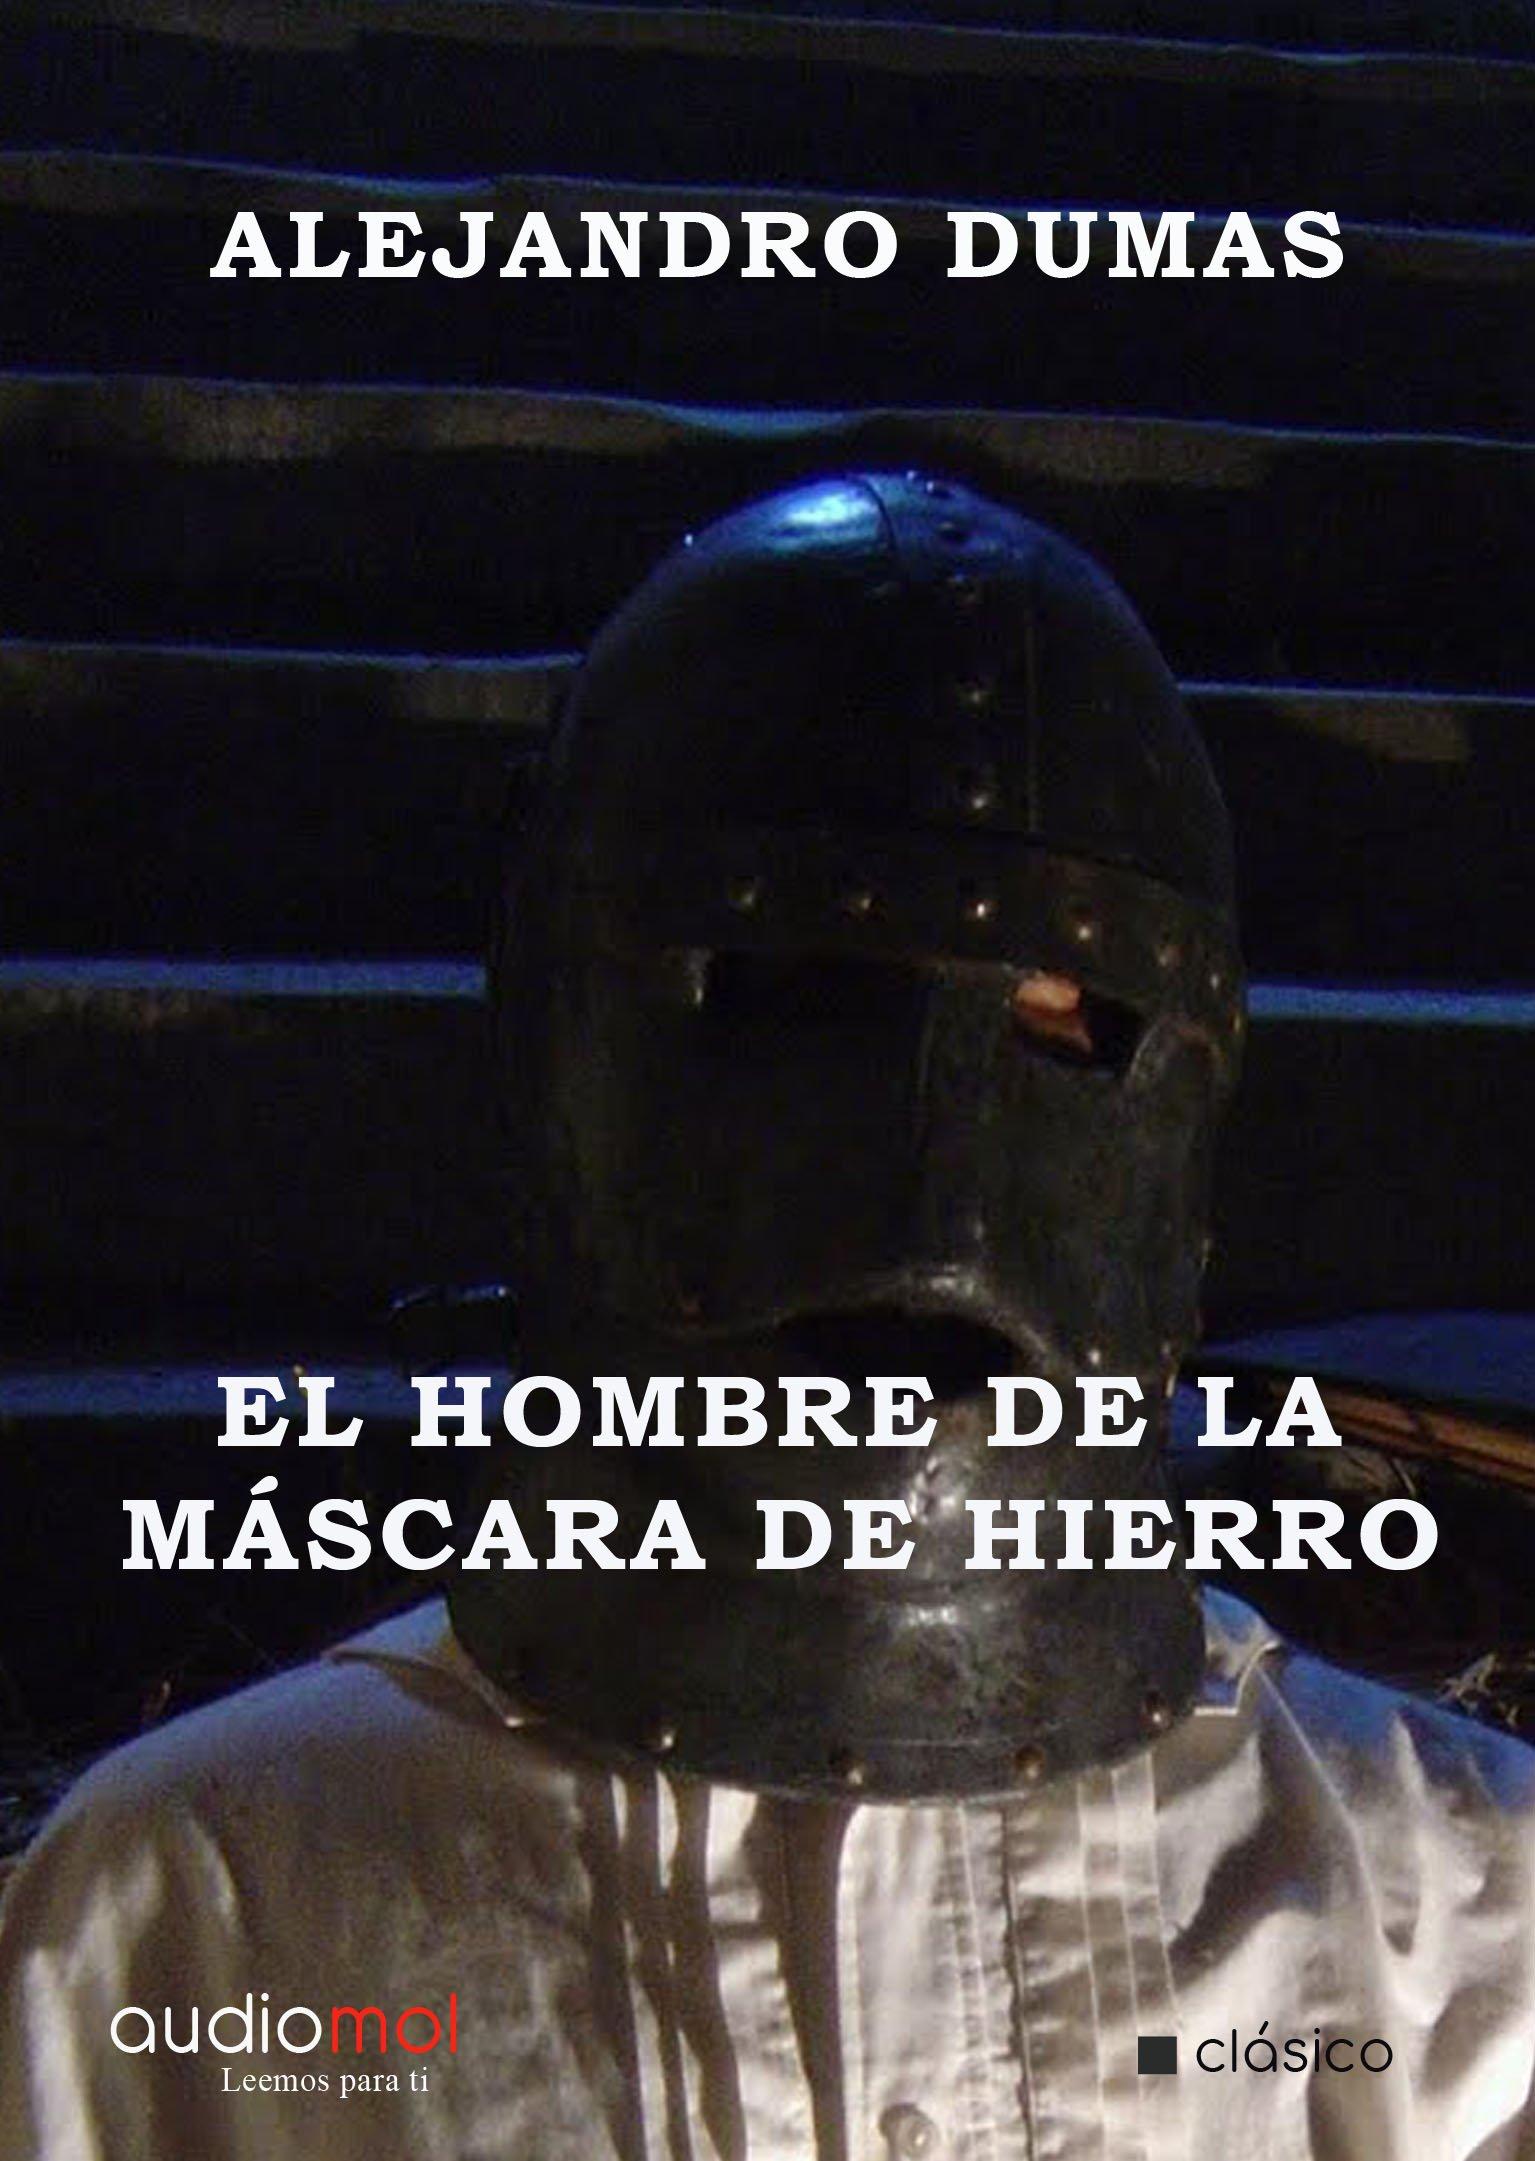 El hombre de la máscara de hierro.Audiolibro.Cd Mp3: Amazon.es: Alejandro Dumas: Libros